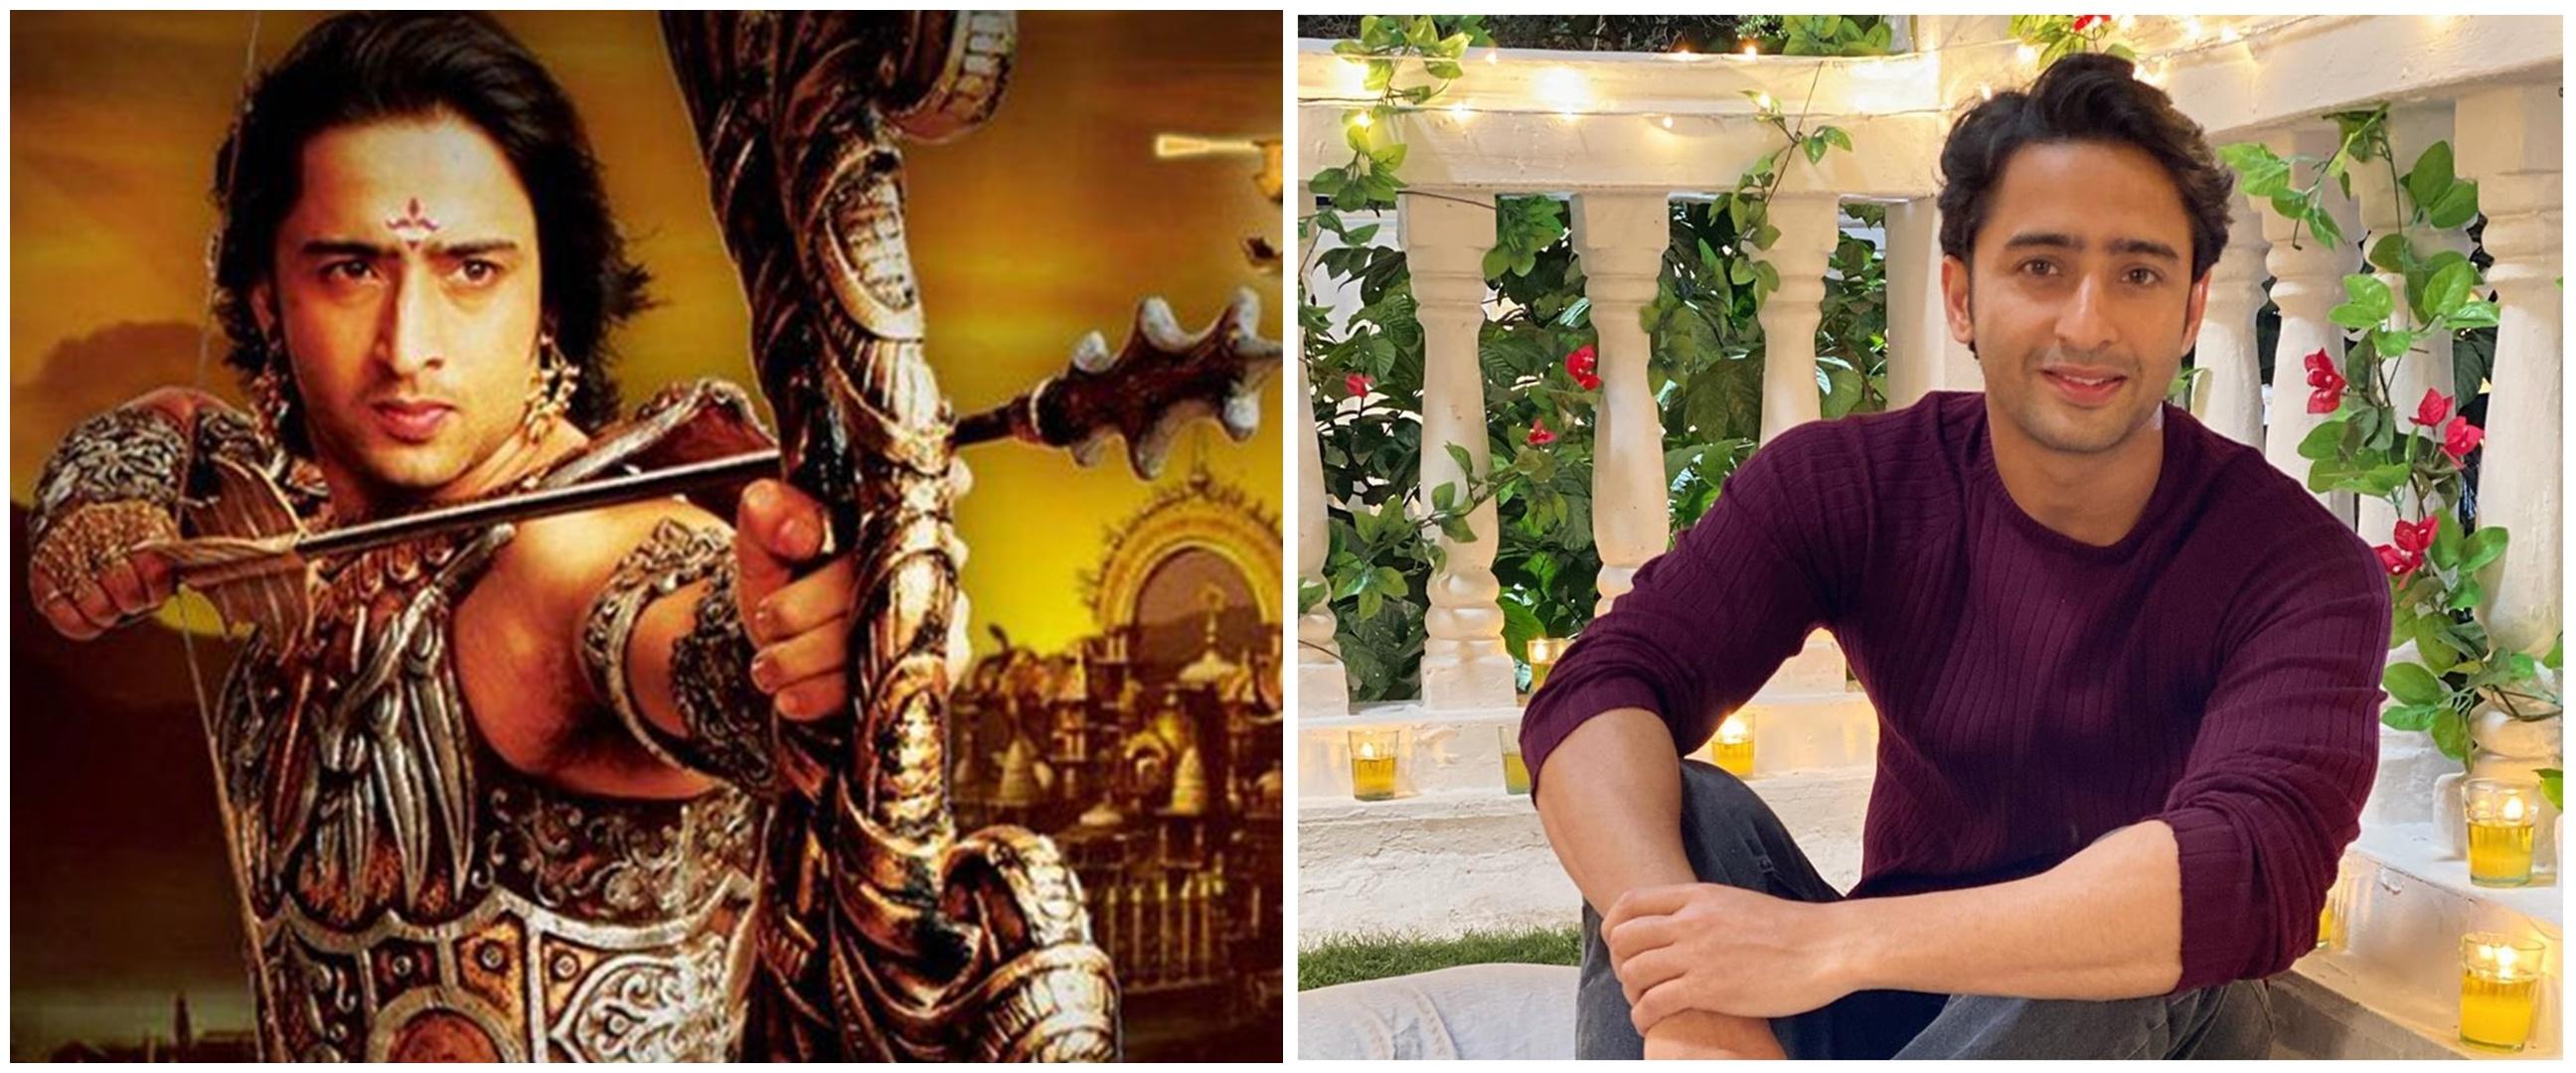 Potret dulu vs kini 7 pemain Mahabharata, perubahannya bikin pangling